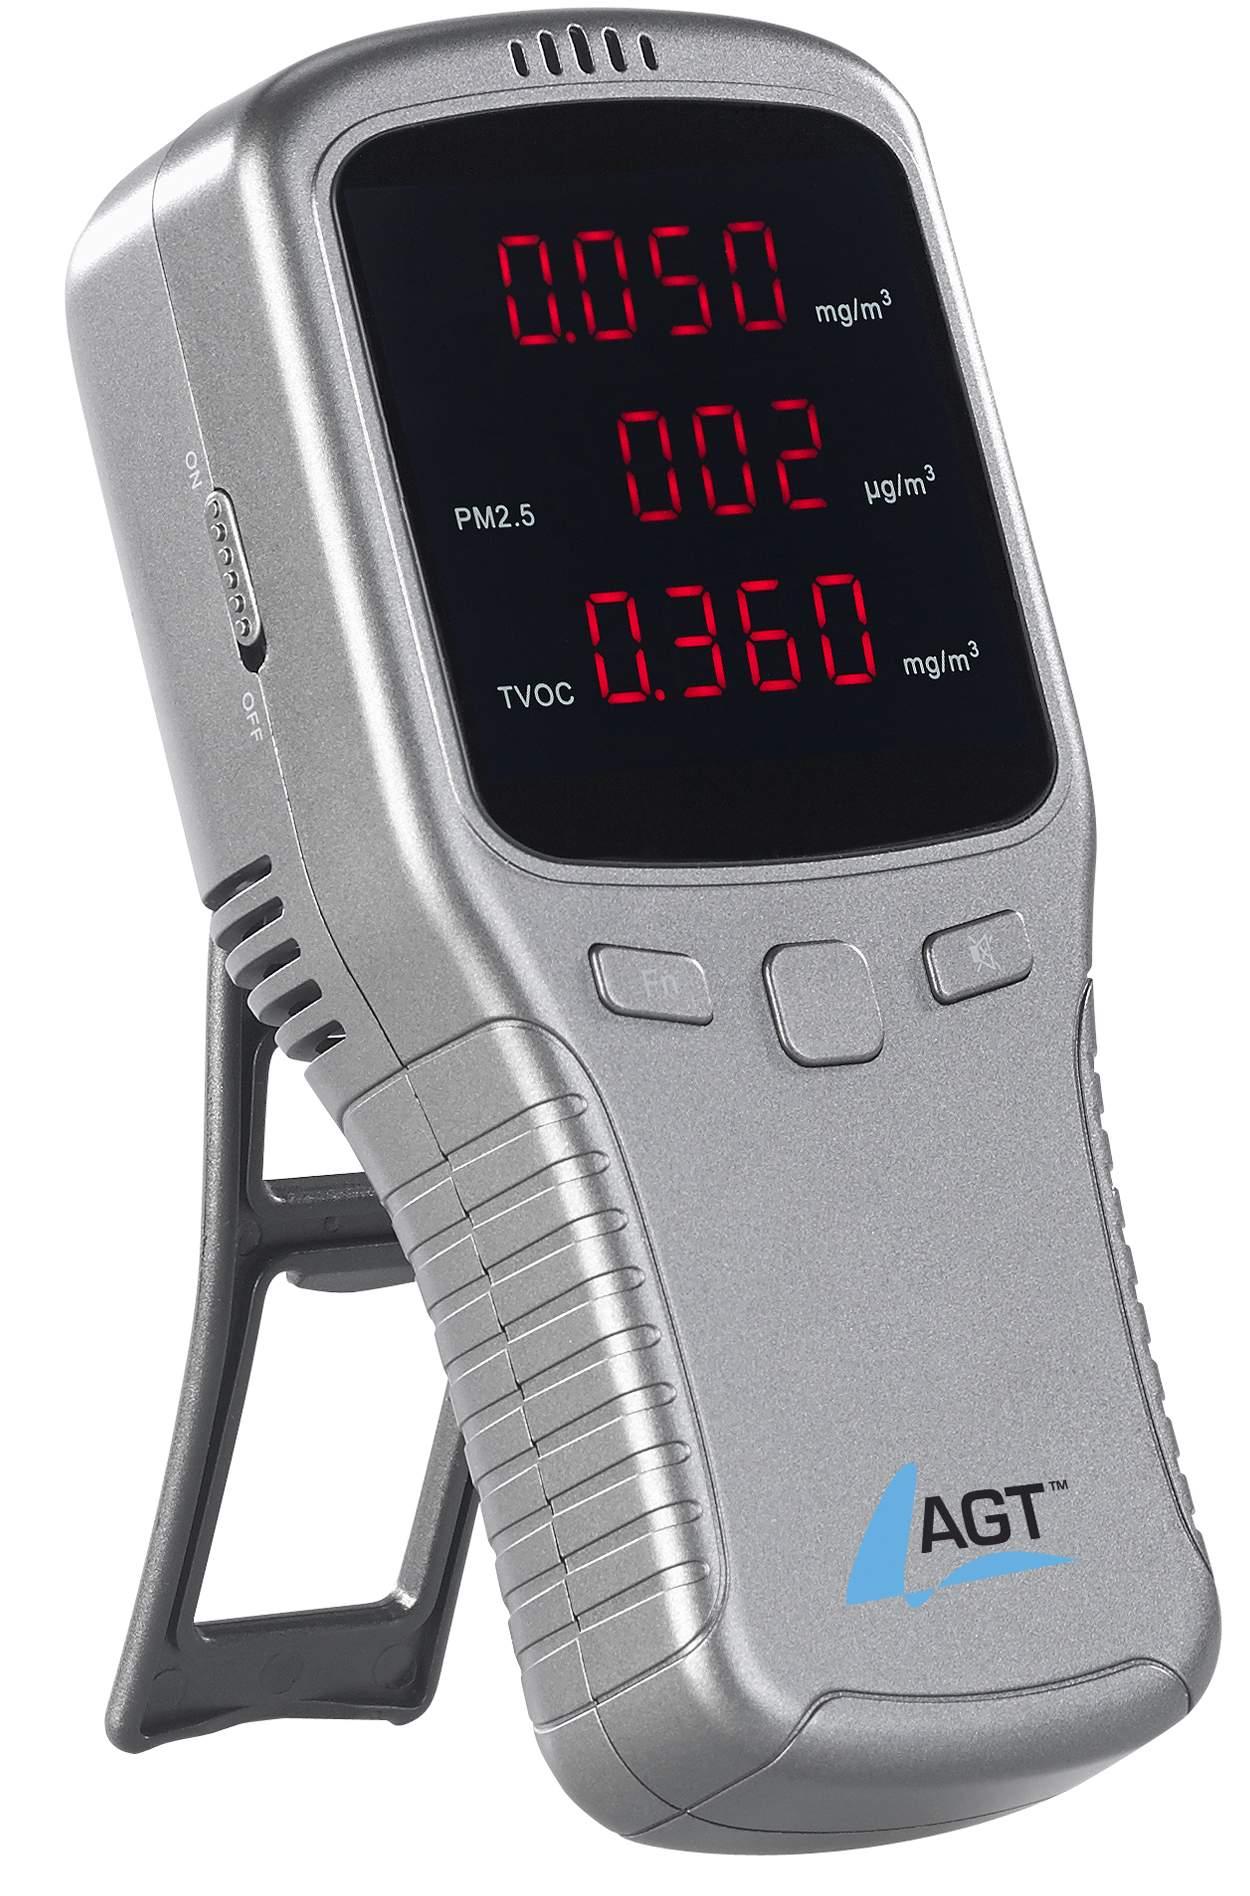 AGT 5in1-Akku-Feinstaub-Messgerät für schädliche Gase